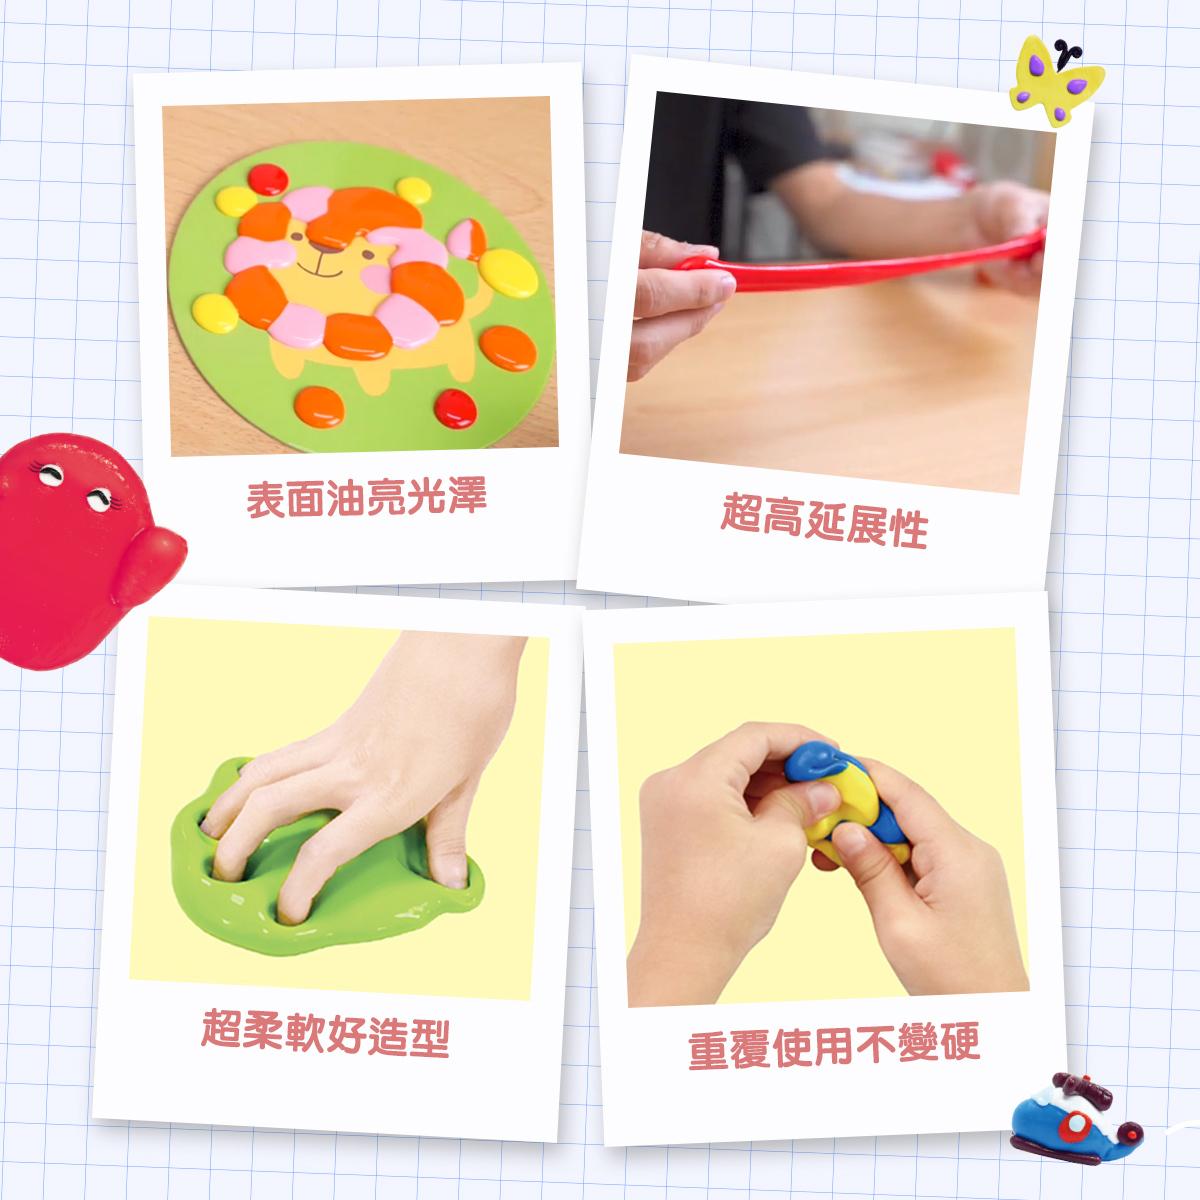 Q.doh的兒童有機矽膠黏土比起市售的黏土更加Q彈